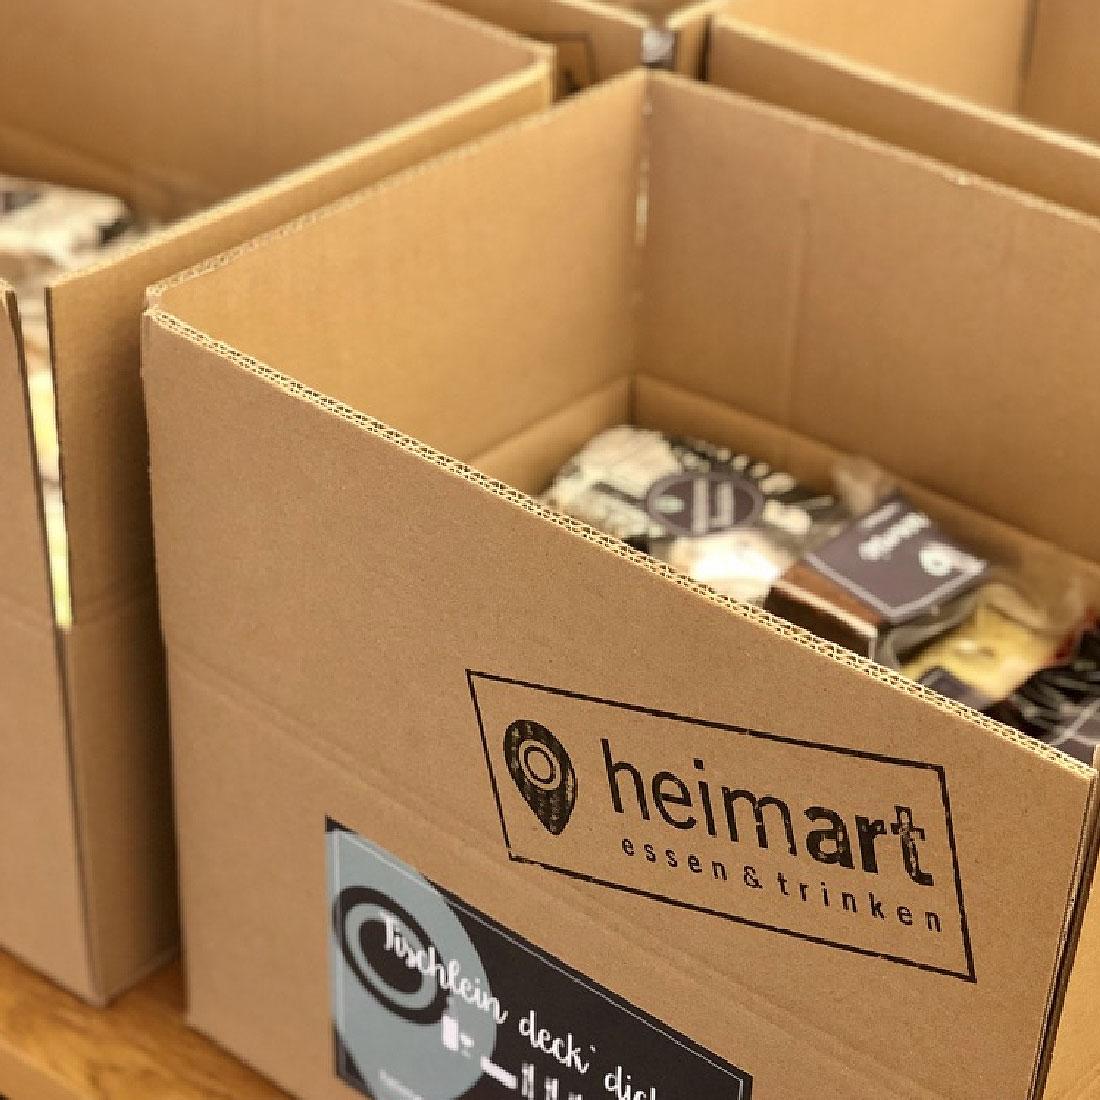 heimart - Karton mit Aufkleber und Inhalt